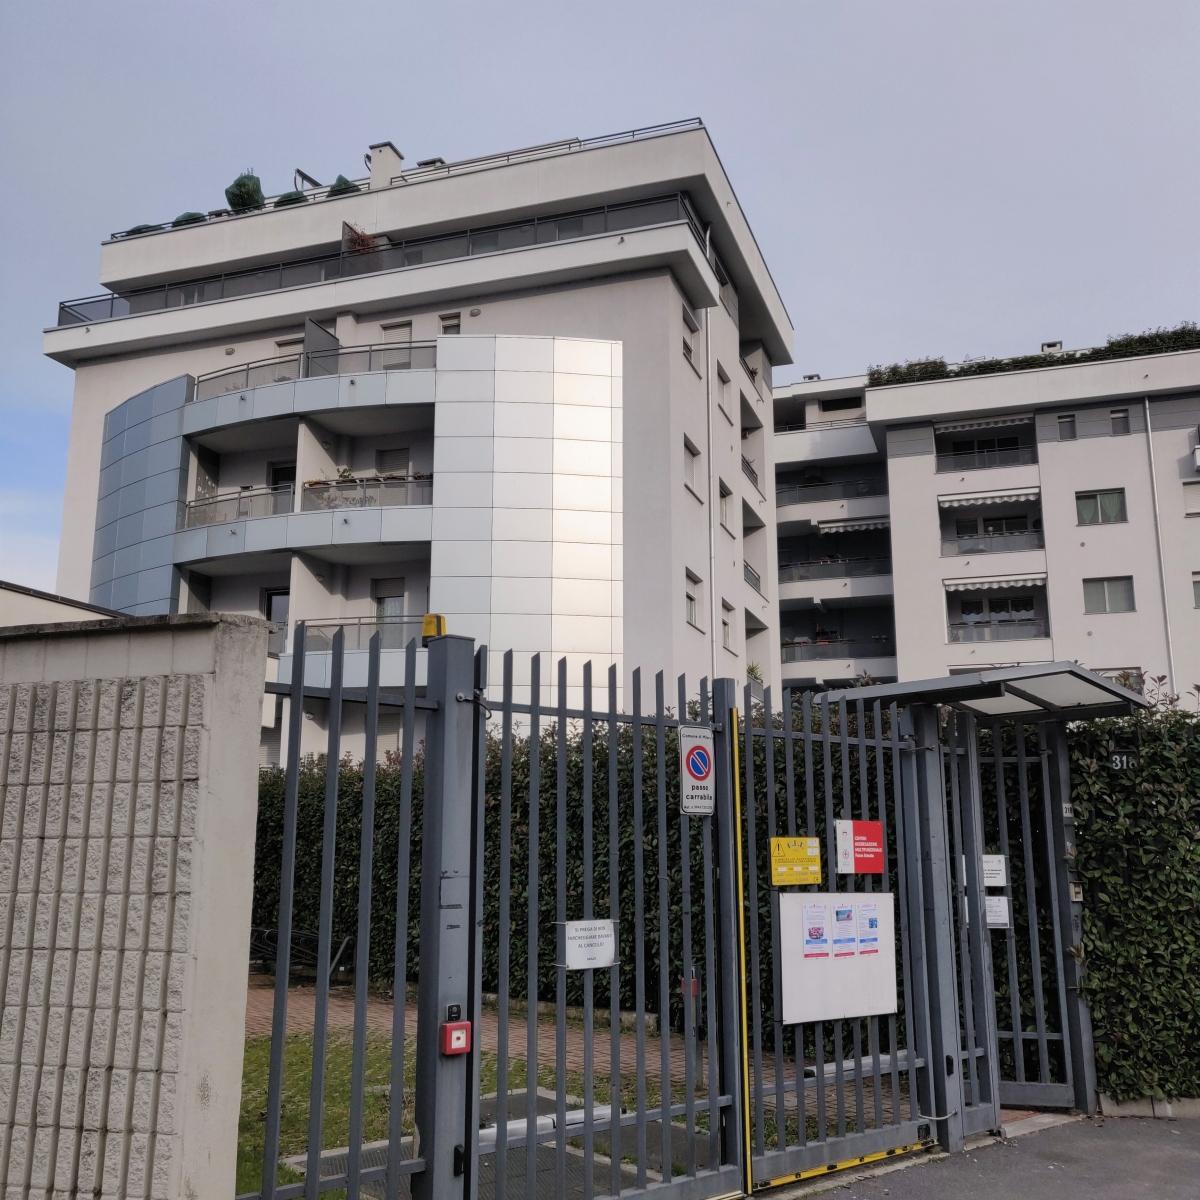 appartamento-in-vendita-milano-via-forze-armate-recente-costruzione-4-locali-spaziourbano-immobiliare-vende-2